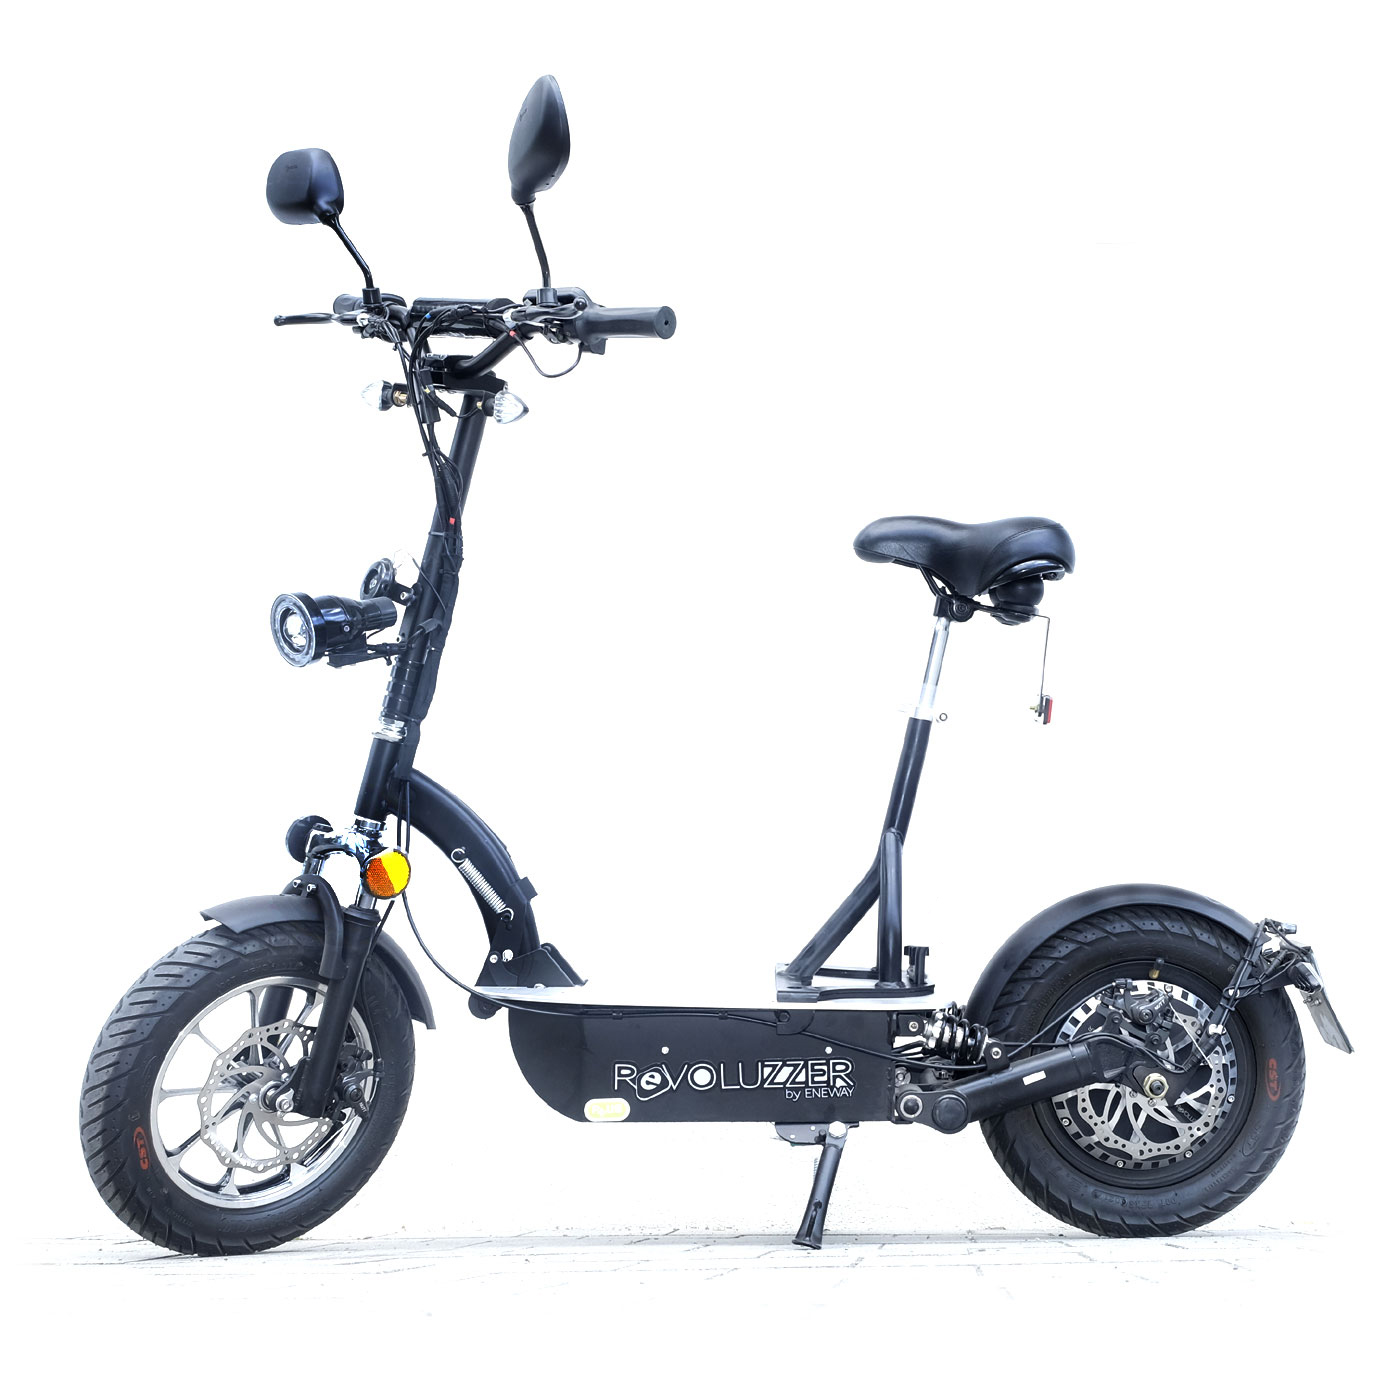 revoluzzer escooter emoped. Black Bedroom Furniture Sets. Home Design Ideas